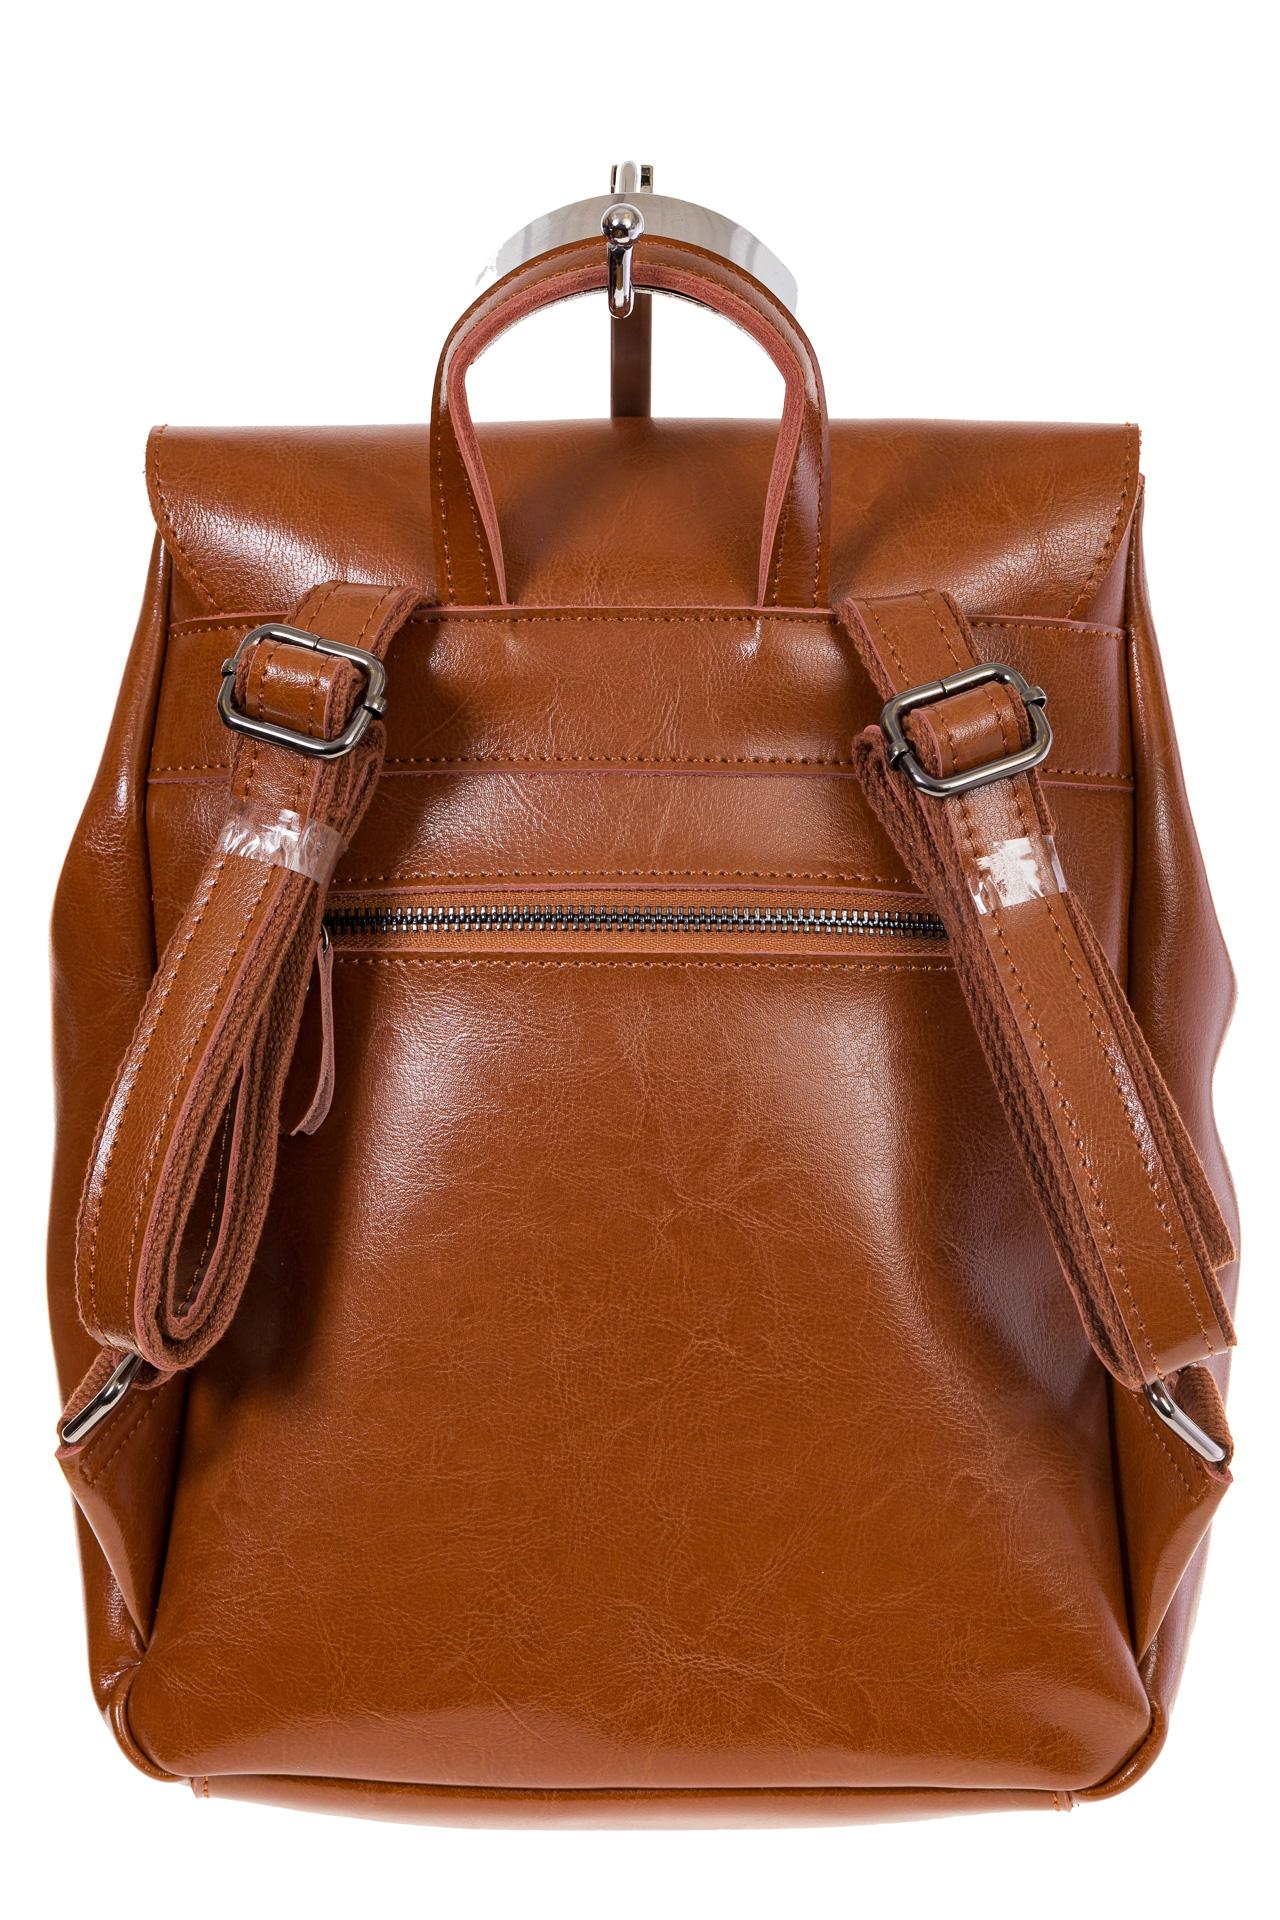 Купить оптом рюкзак из натуральной кожи с верхним клапаном, цвет коньячный, фото сзади